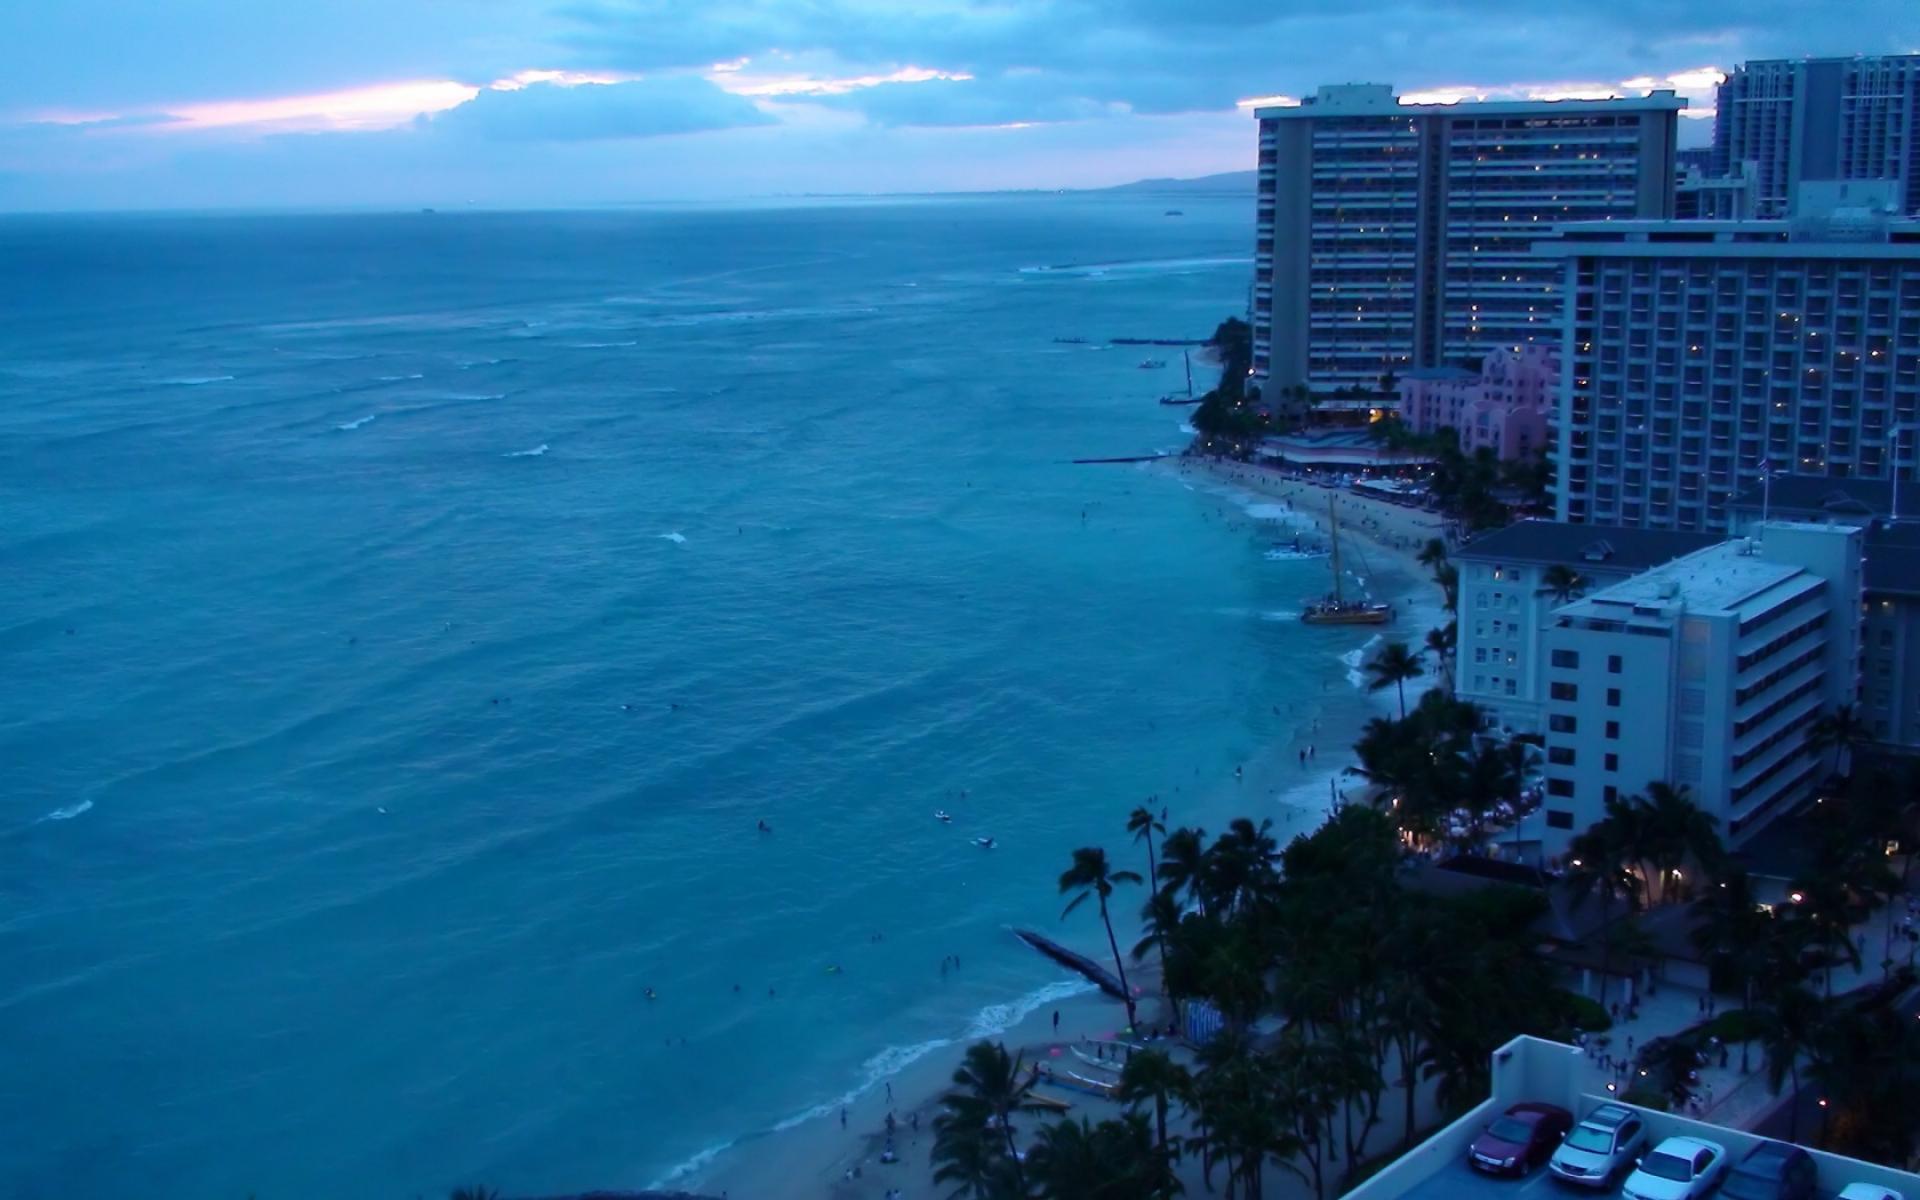 Waikiki Wallpaper: Waikiki Beach Wallpaper HD